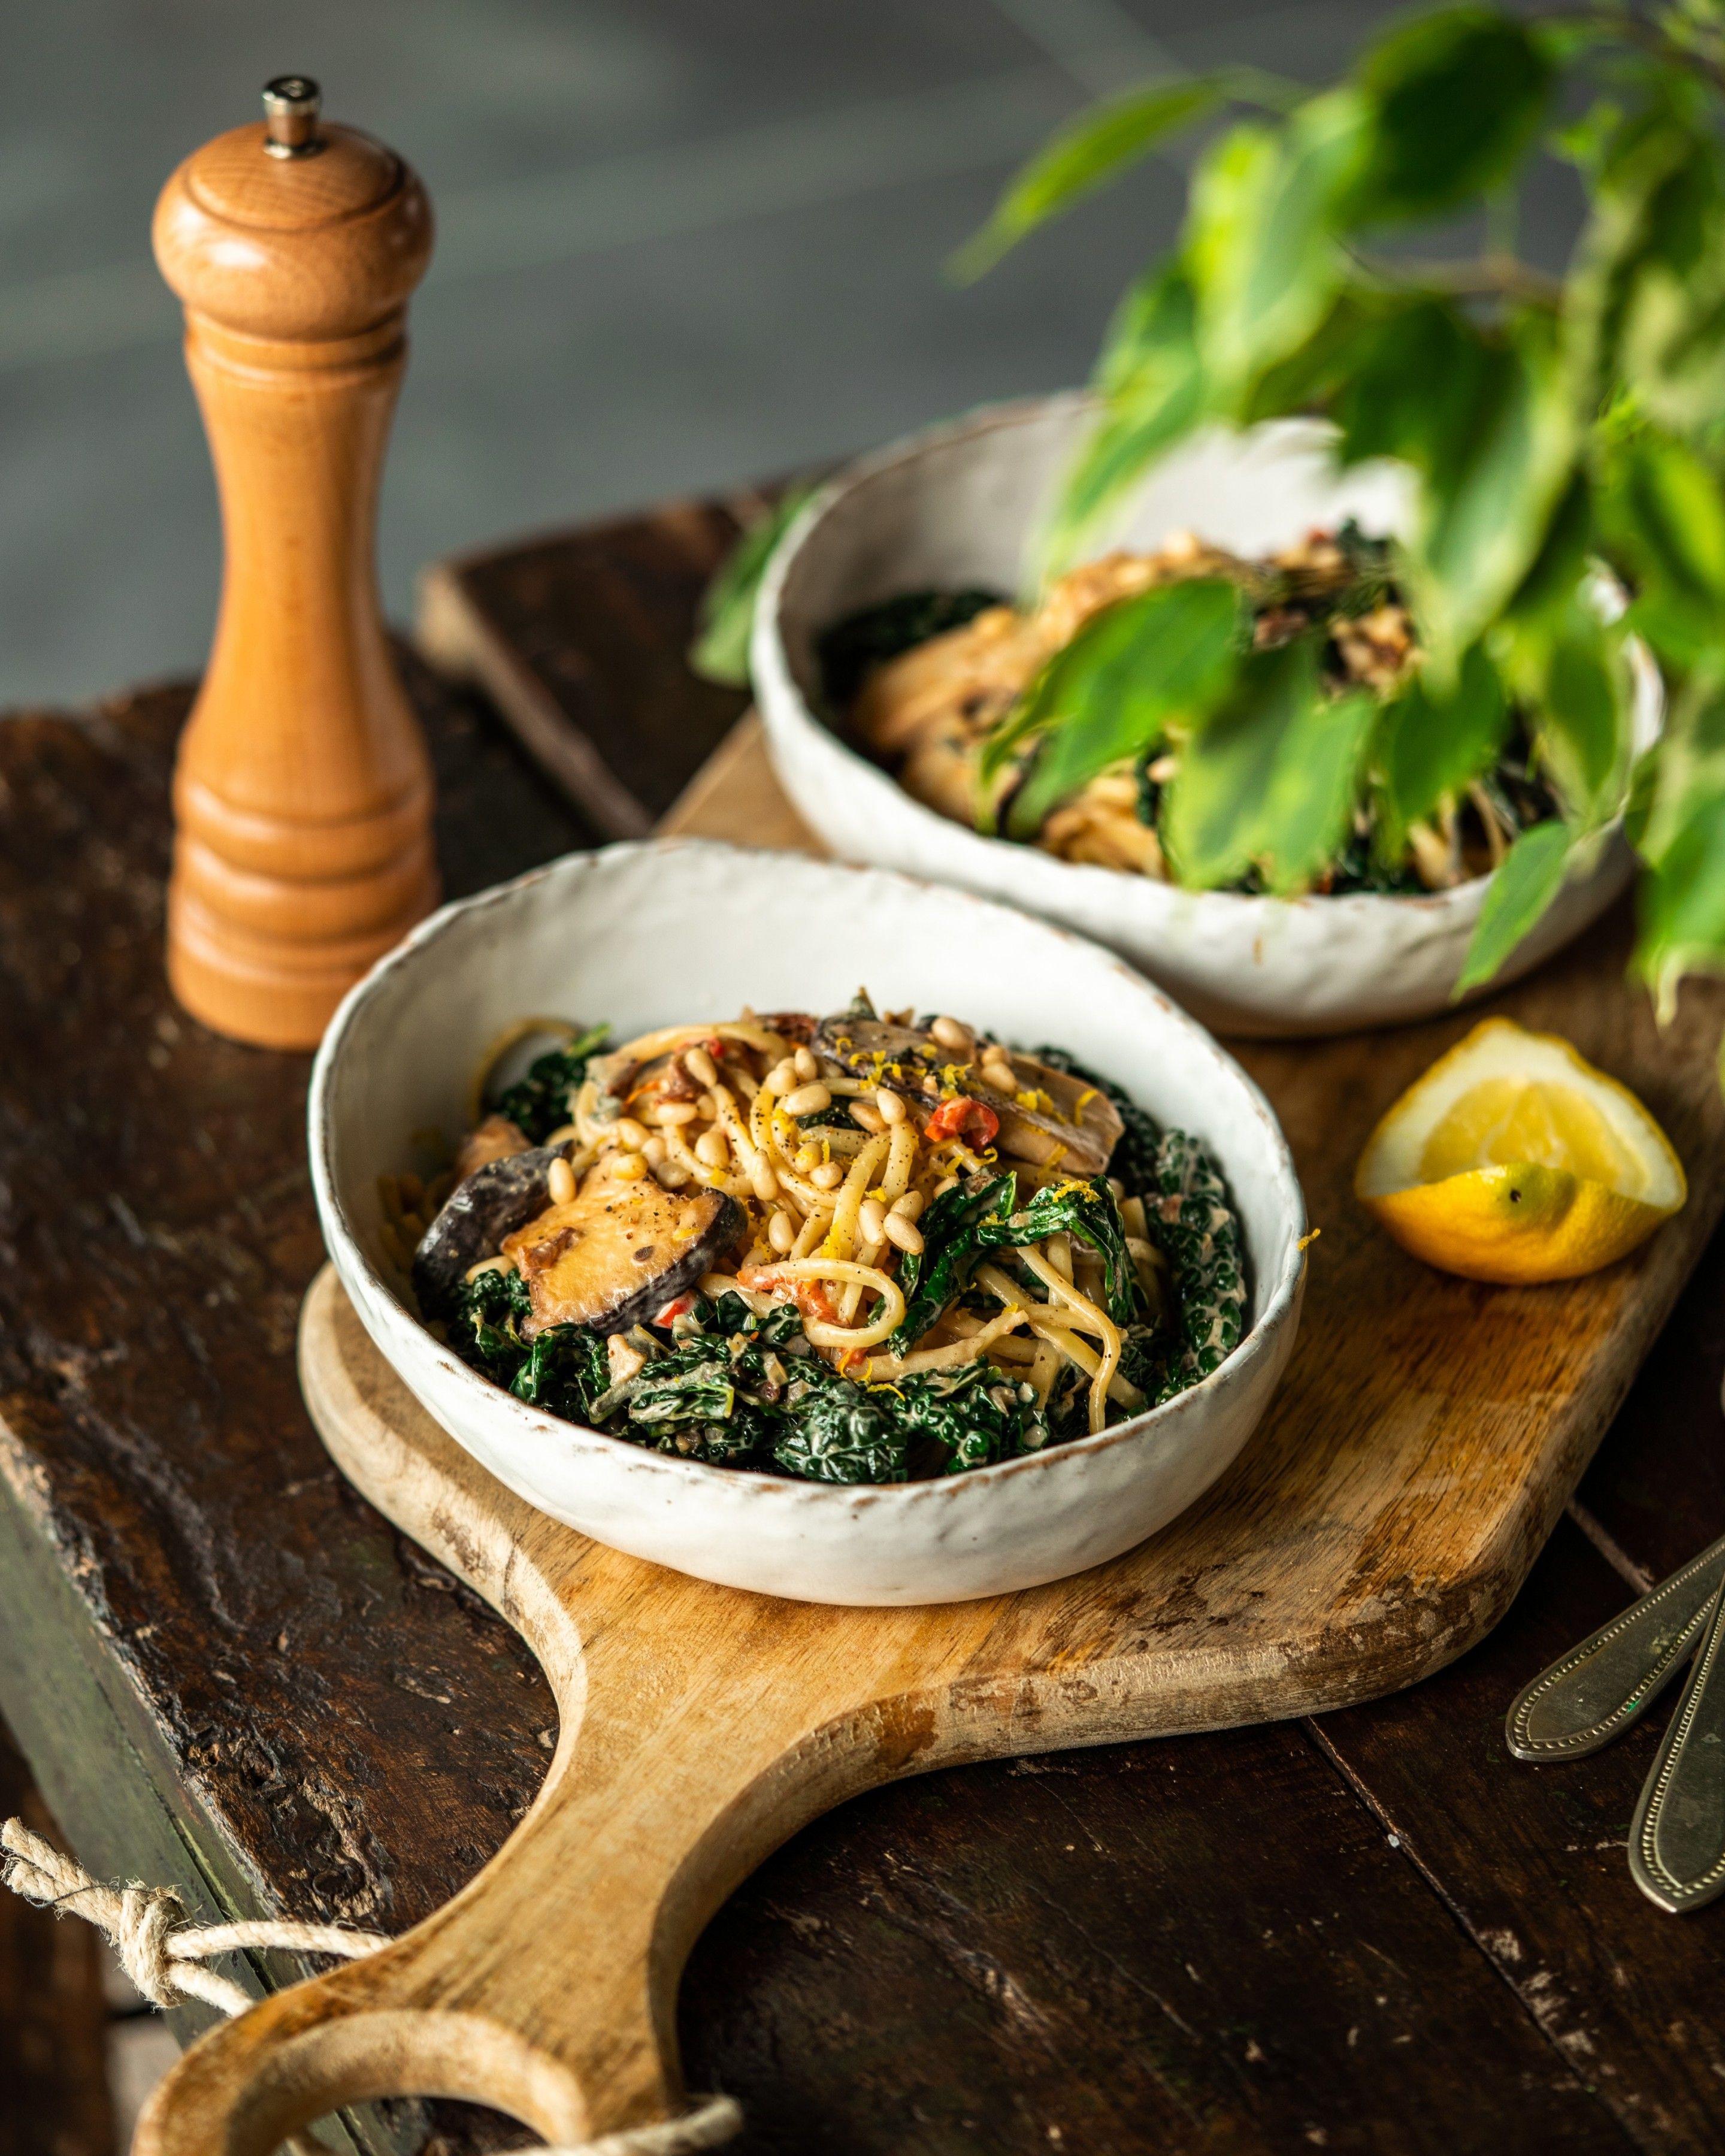 Creamy King Oyster Mushroom Pasta Avant Garde Vegan In 2020 Mushroom Pasta Oyster Mushroom Recipe Mushroom Recipes Vegan